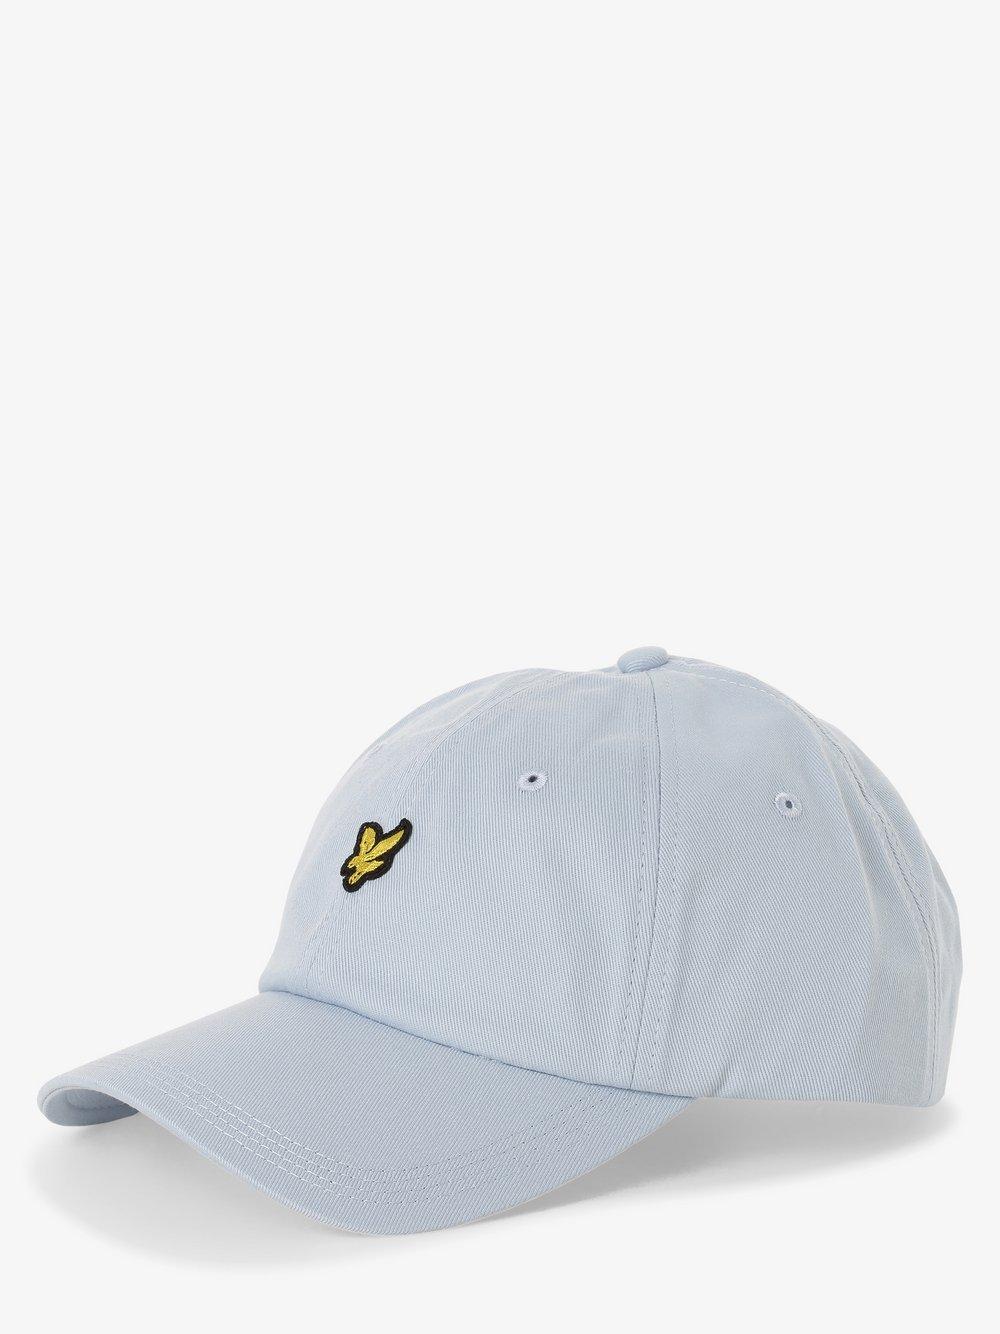 Lyle & Scott – Męska czapka z daszkiem, niebieski Van Graaf 411737-0004-00000